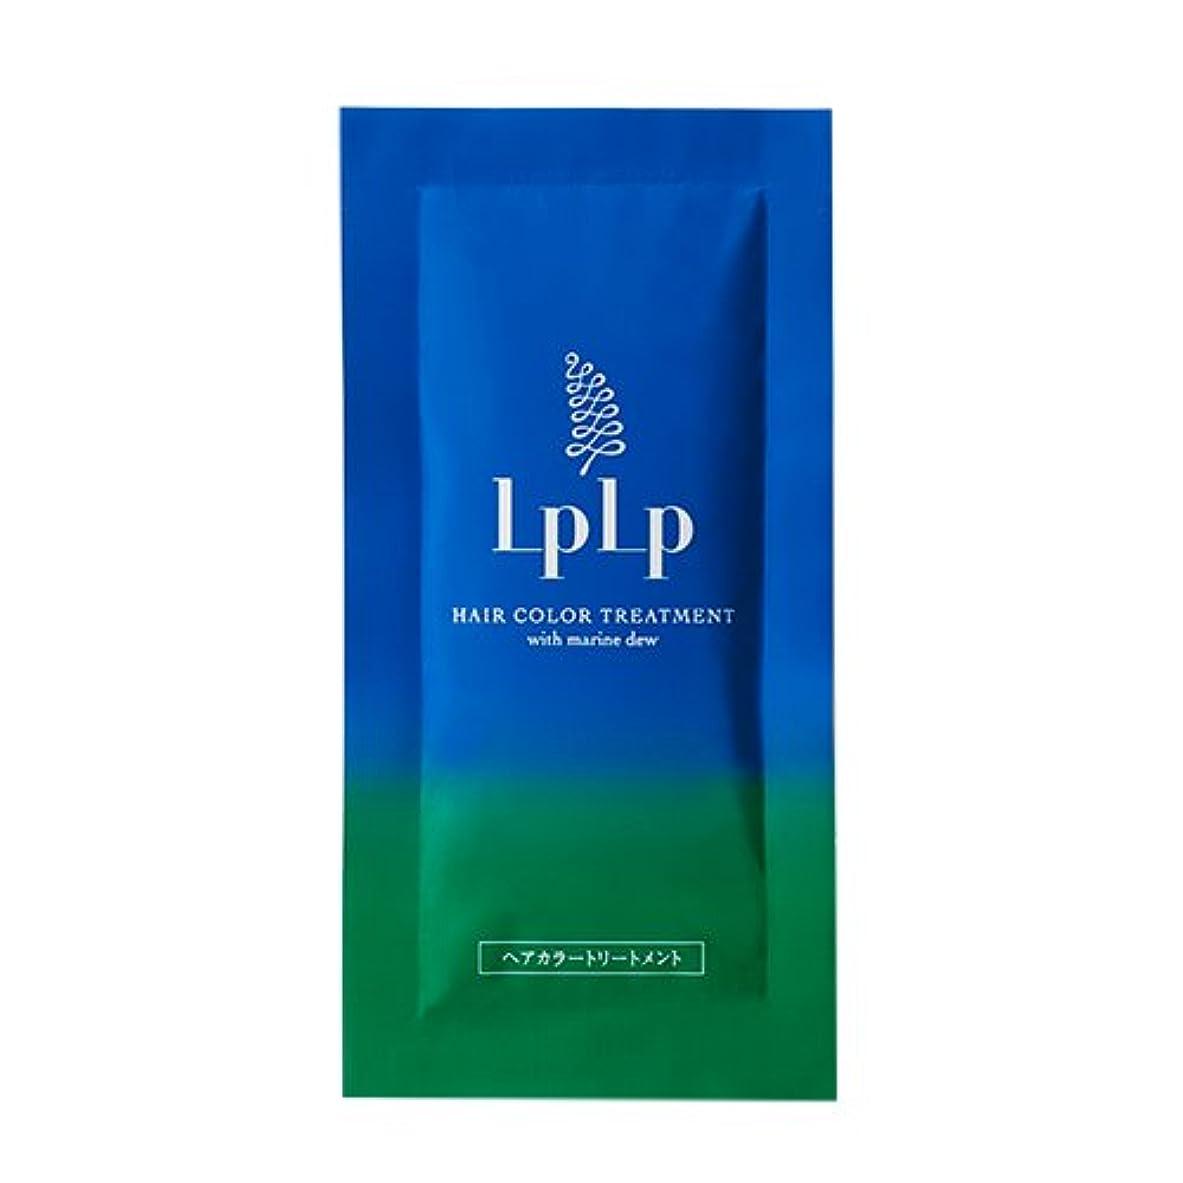 薬理学証言困ったLPLP(ルプルプ)ヘアカラートリートメントお試しパウチ ダークブラウン